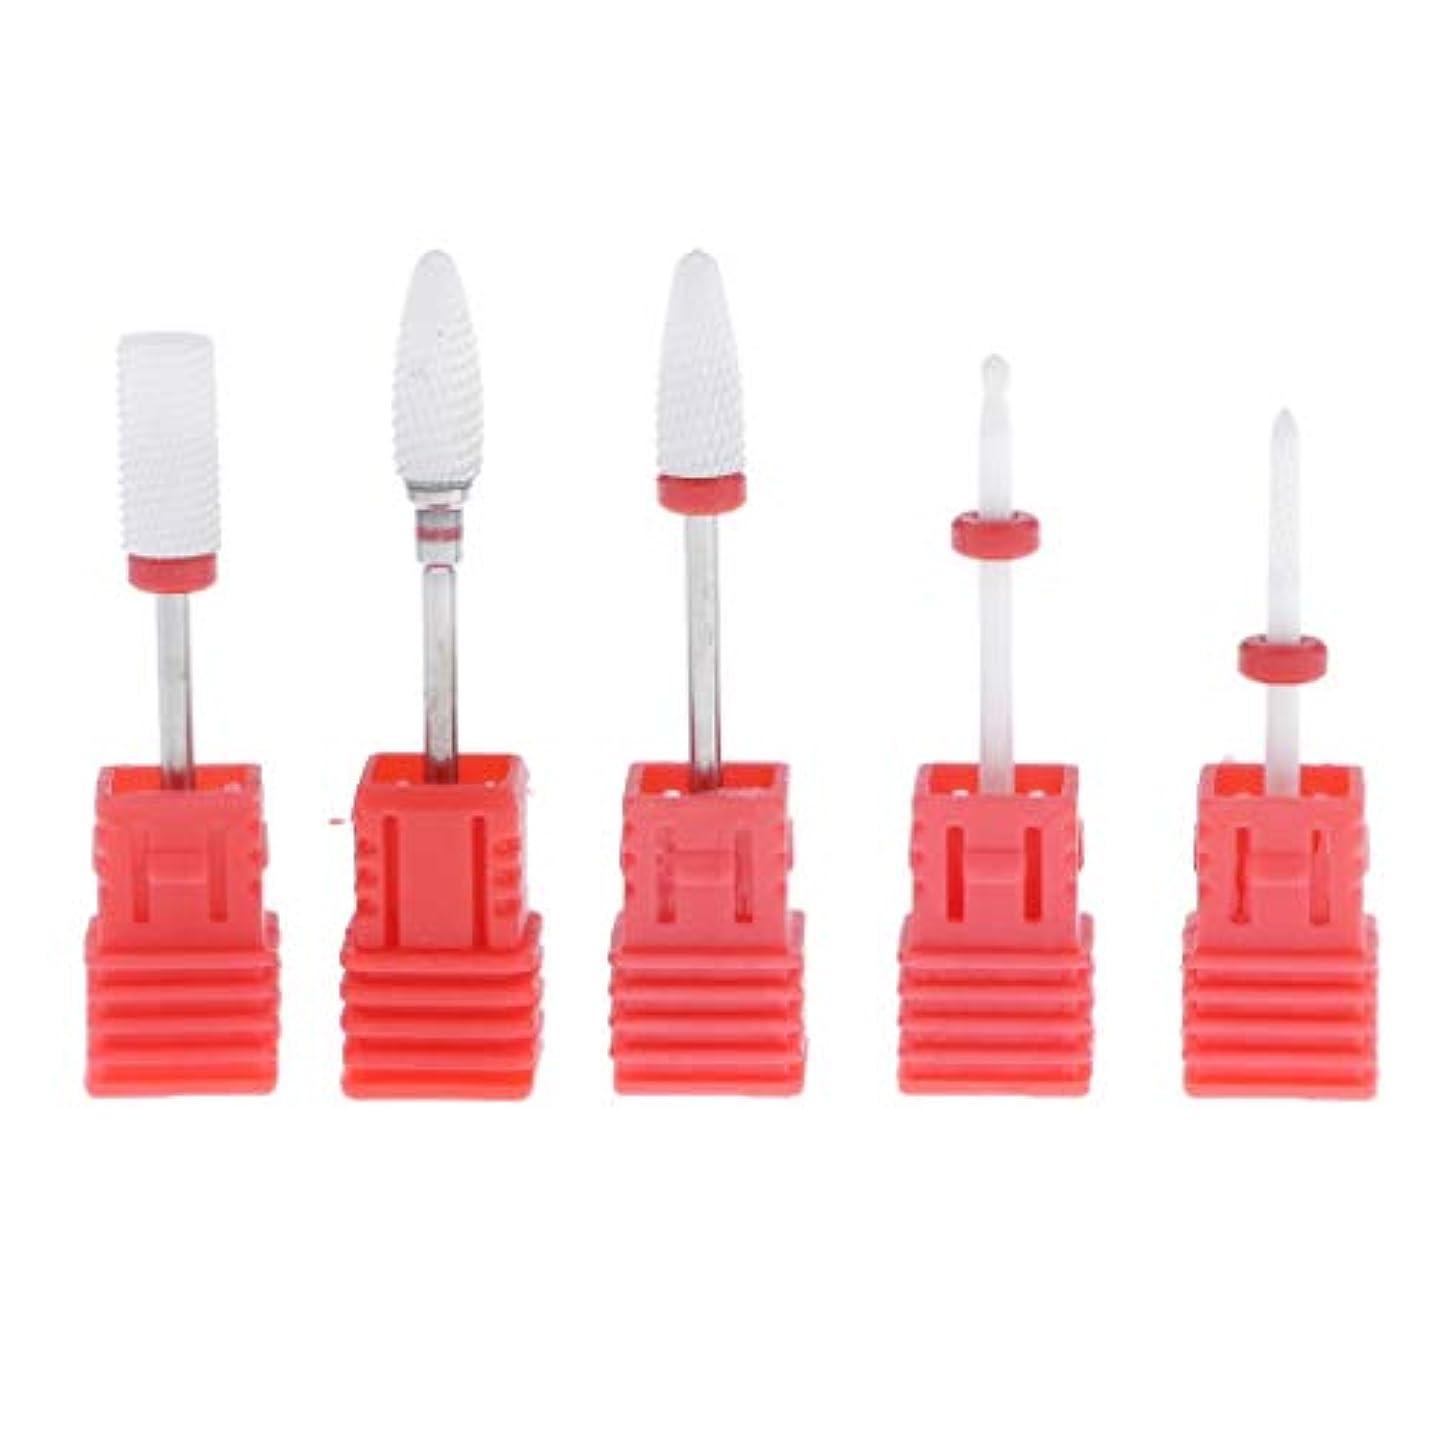 カスタム化学薬品配分5個入り 陶磁器ドリルビット ネイルドリルビット ロータリーファイル 研削ネイル 切削工具 高硬度